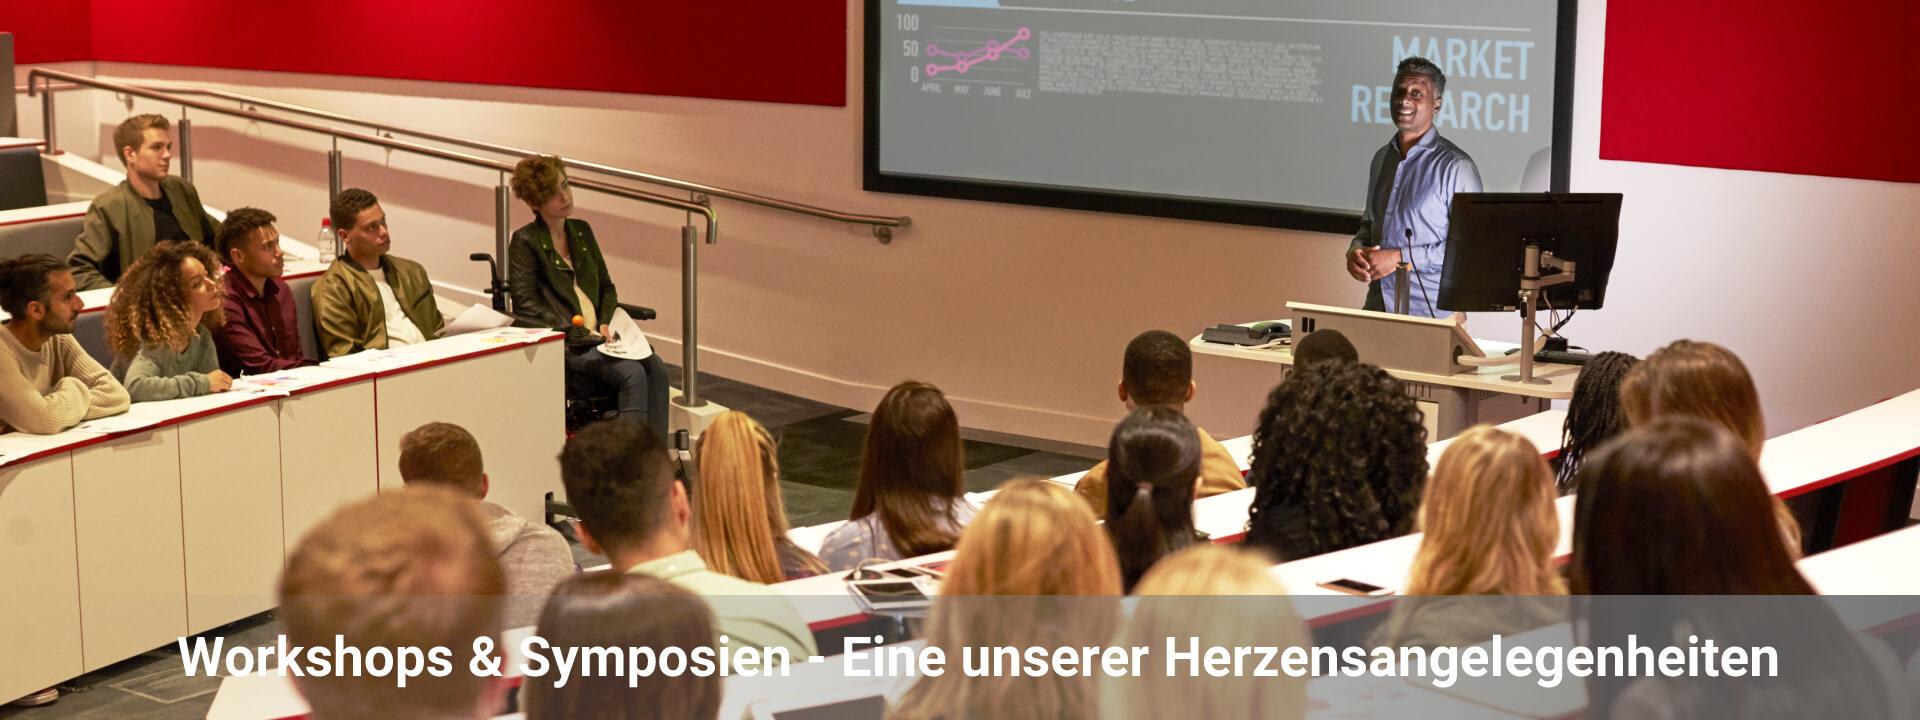 Workshops & Symposien - Eine unserer Herzensangelegenheiten